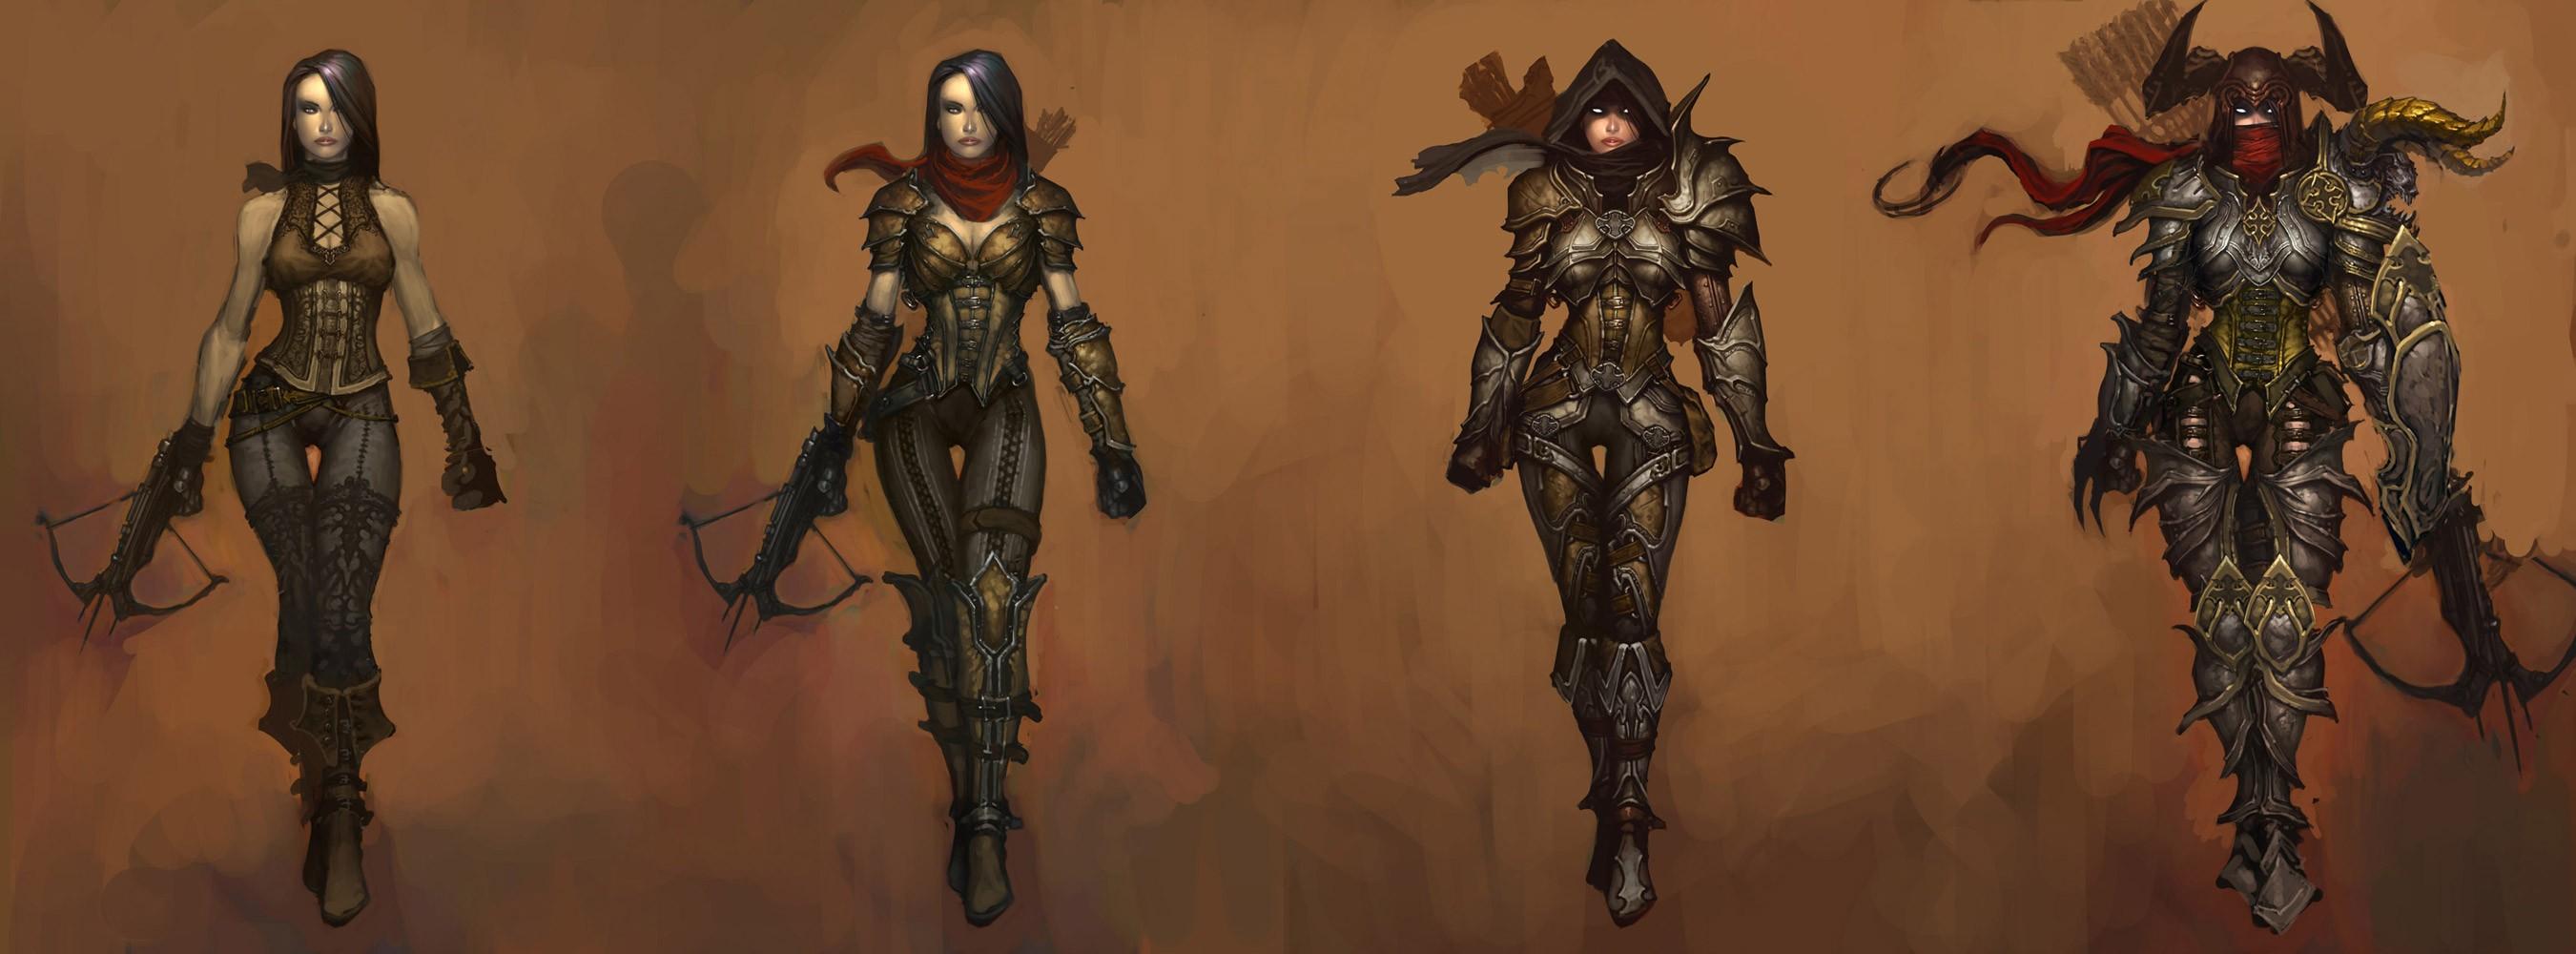 Изменения облика персонажа по мере совершенствования мастерства - Охотник на демонов (Demon Hunter) - Классы персонажей - Diablo